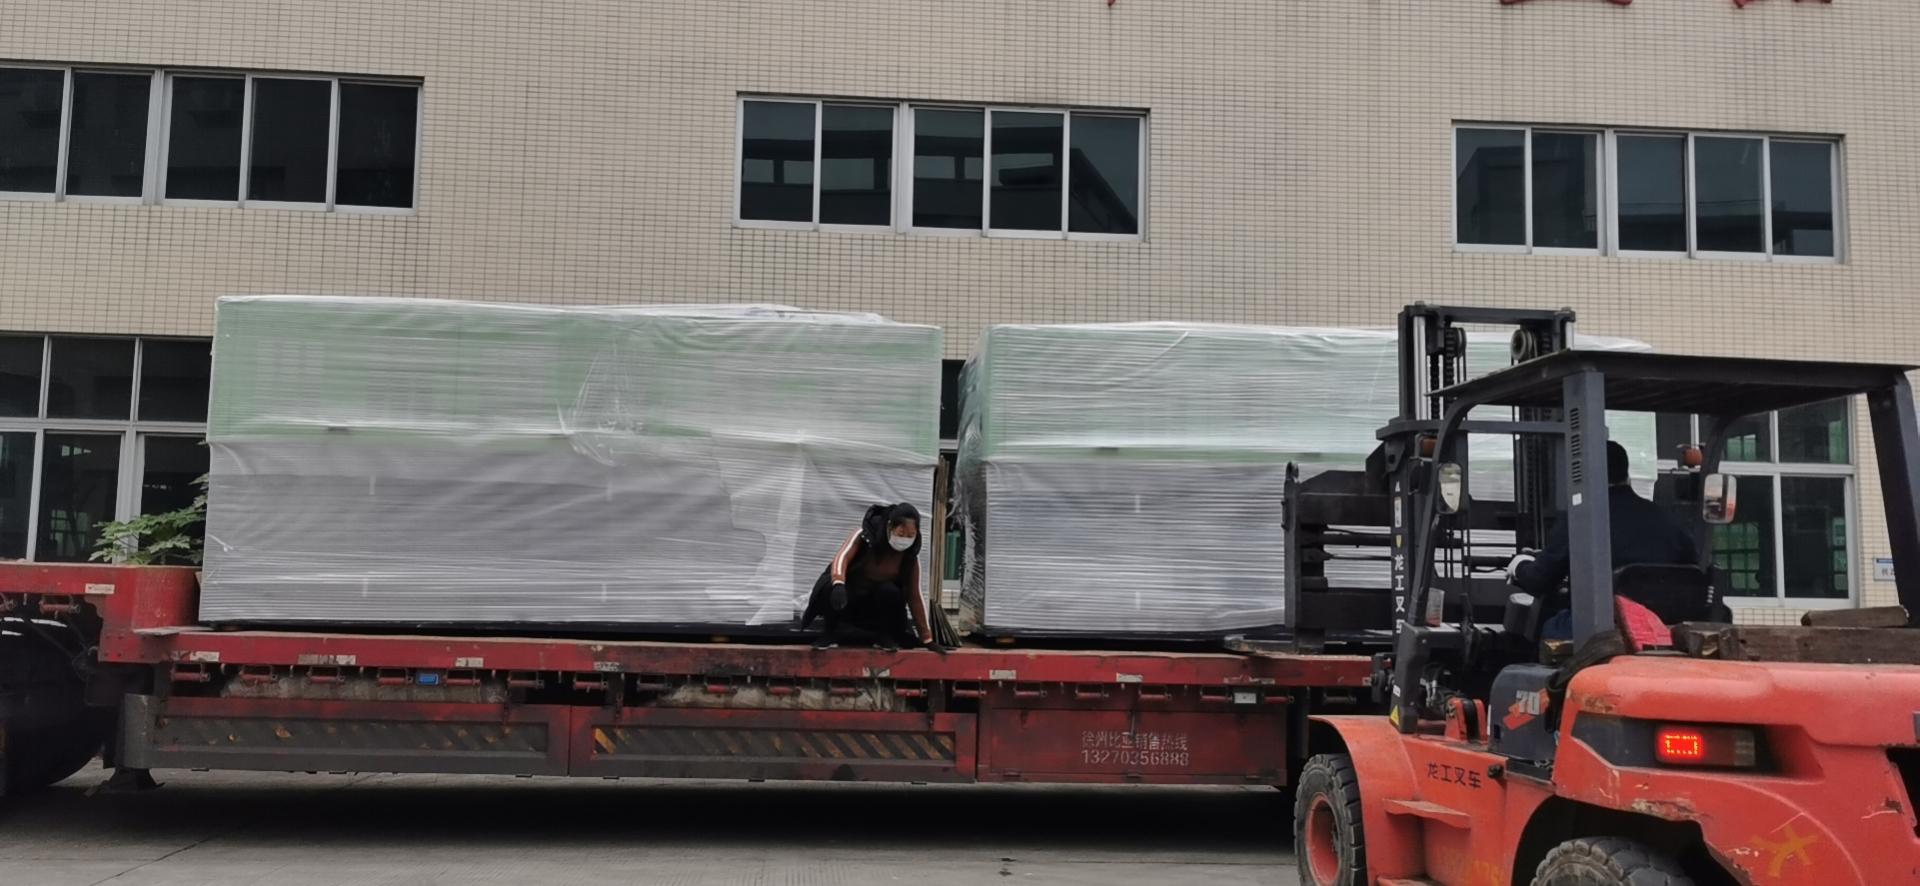 助力消毒水药包材企业 两台吹瓶机紧急发货